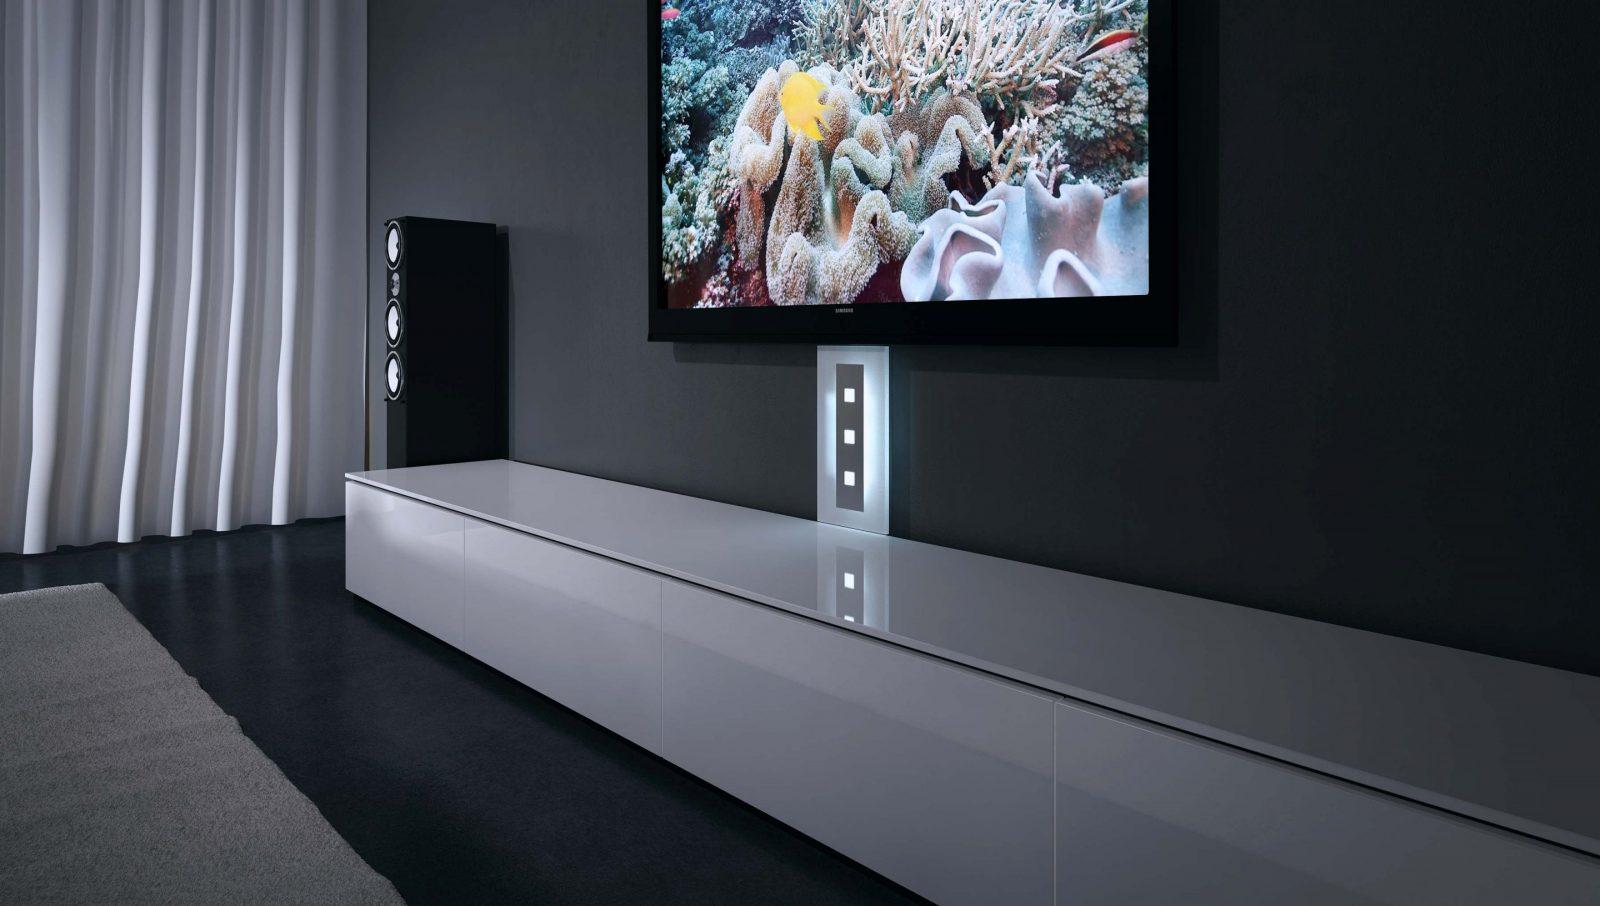 Tv Kabelkanal  Visioglas von Fernseher An Die Wand Hängen Kabel Verstecken Photo